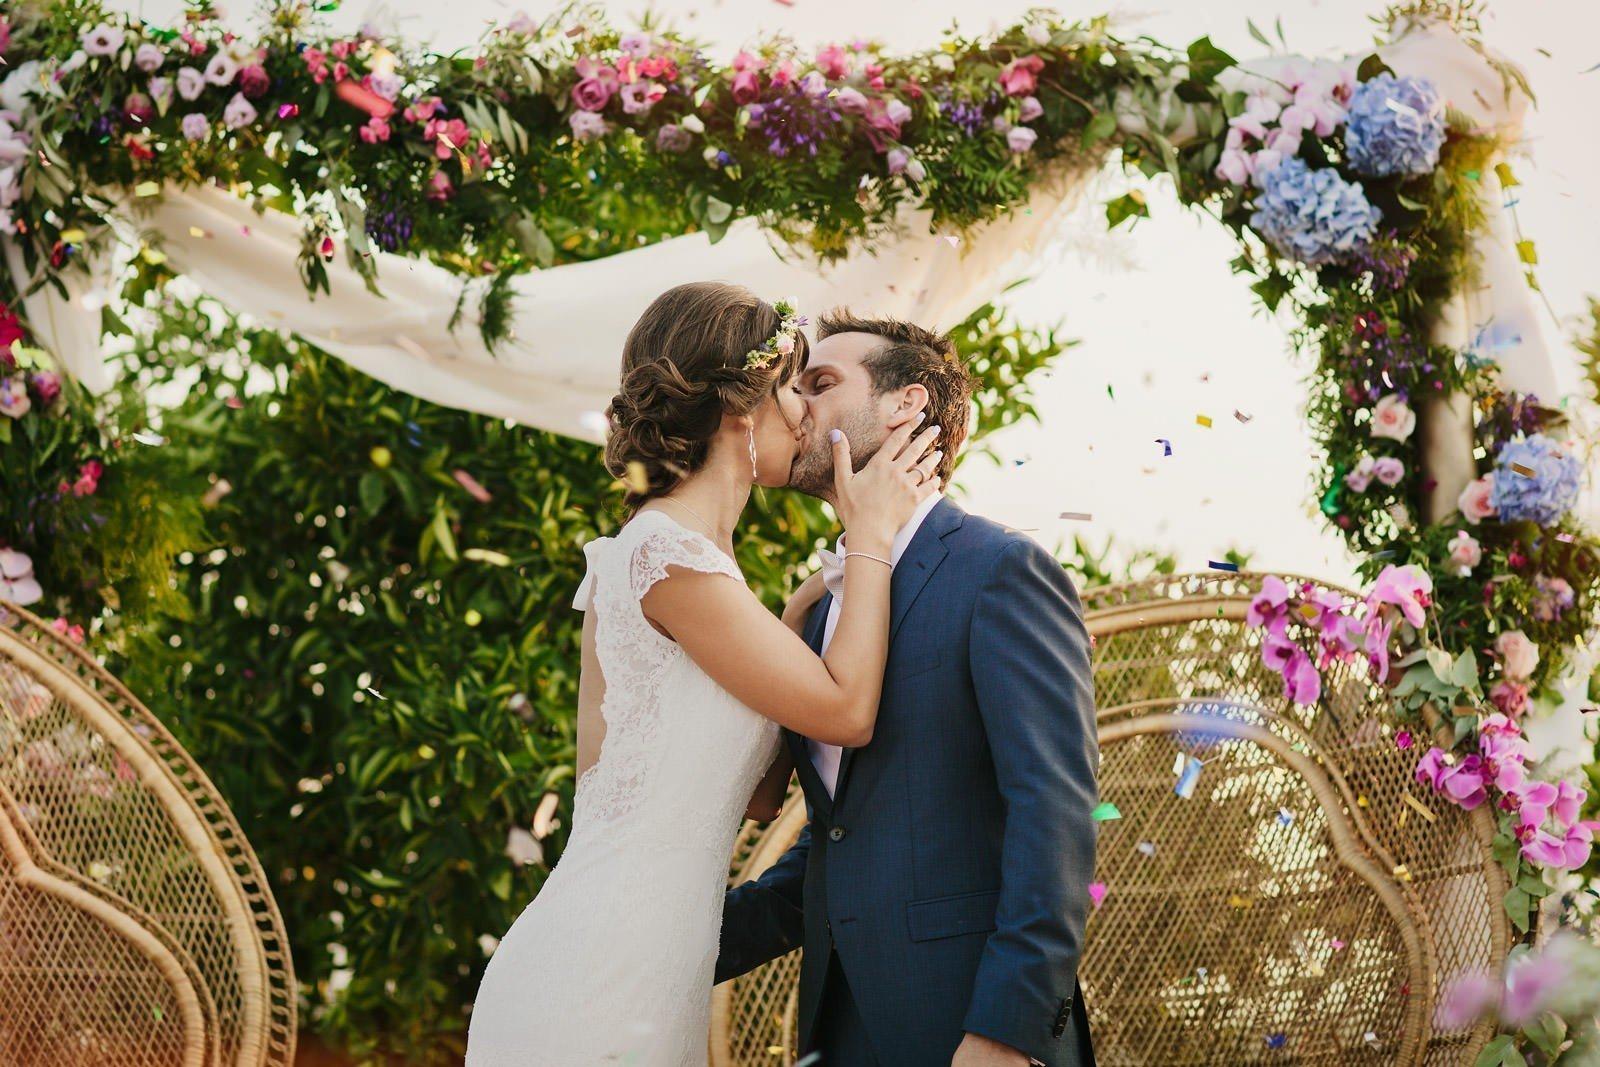 <br/><br/><br/><br/>Fotografía de bodas